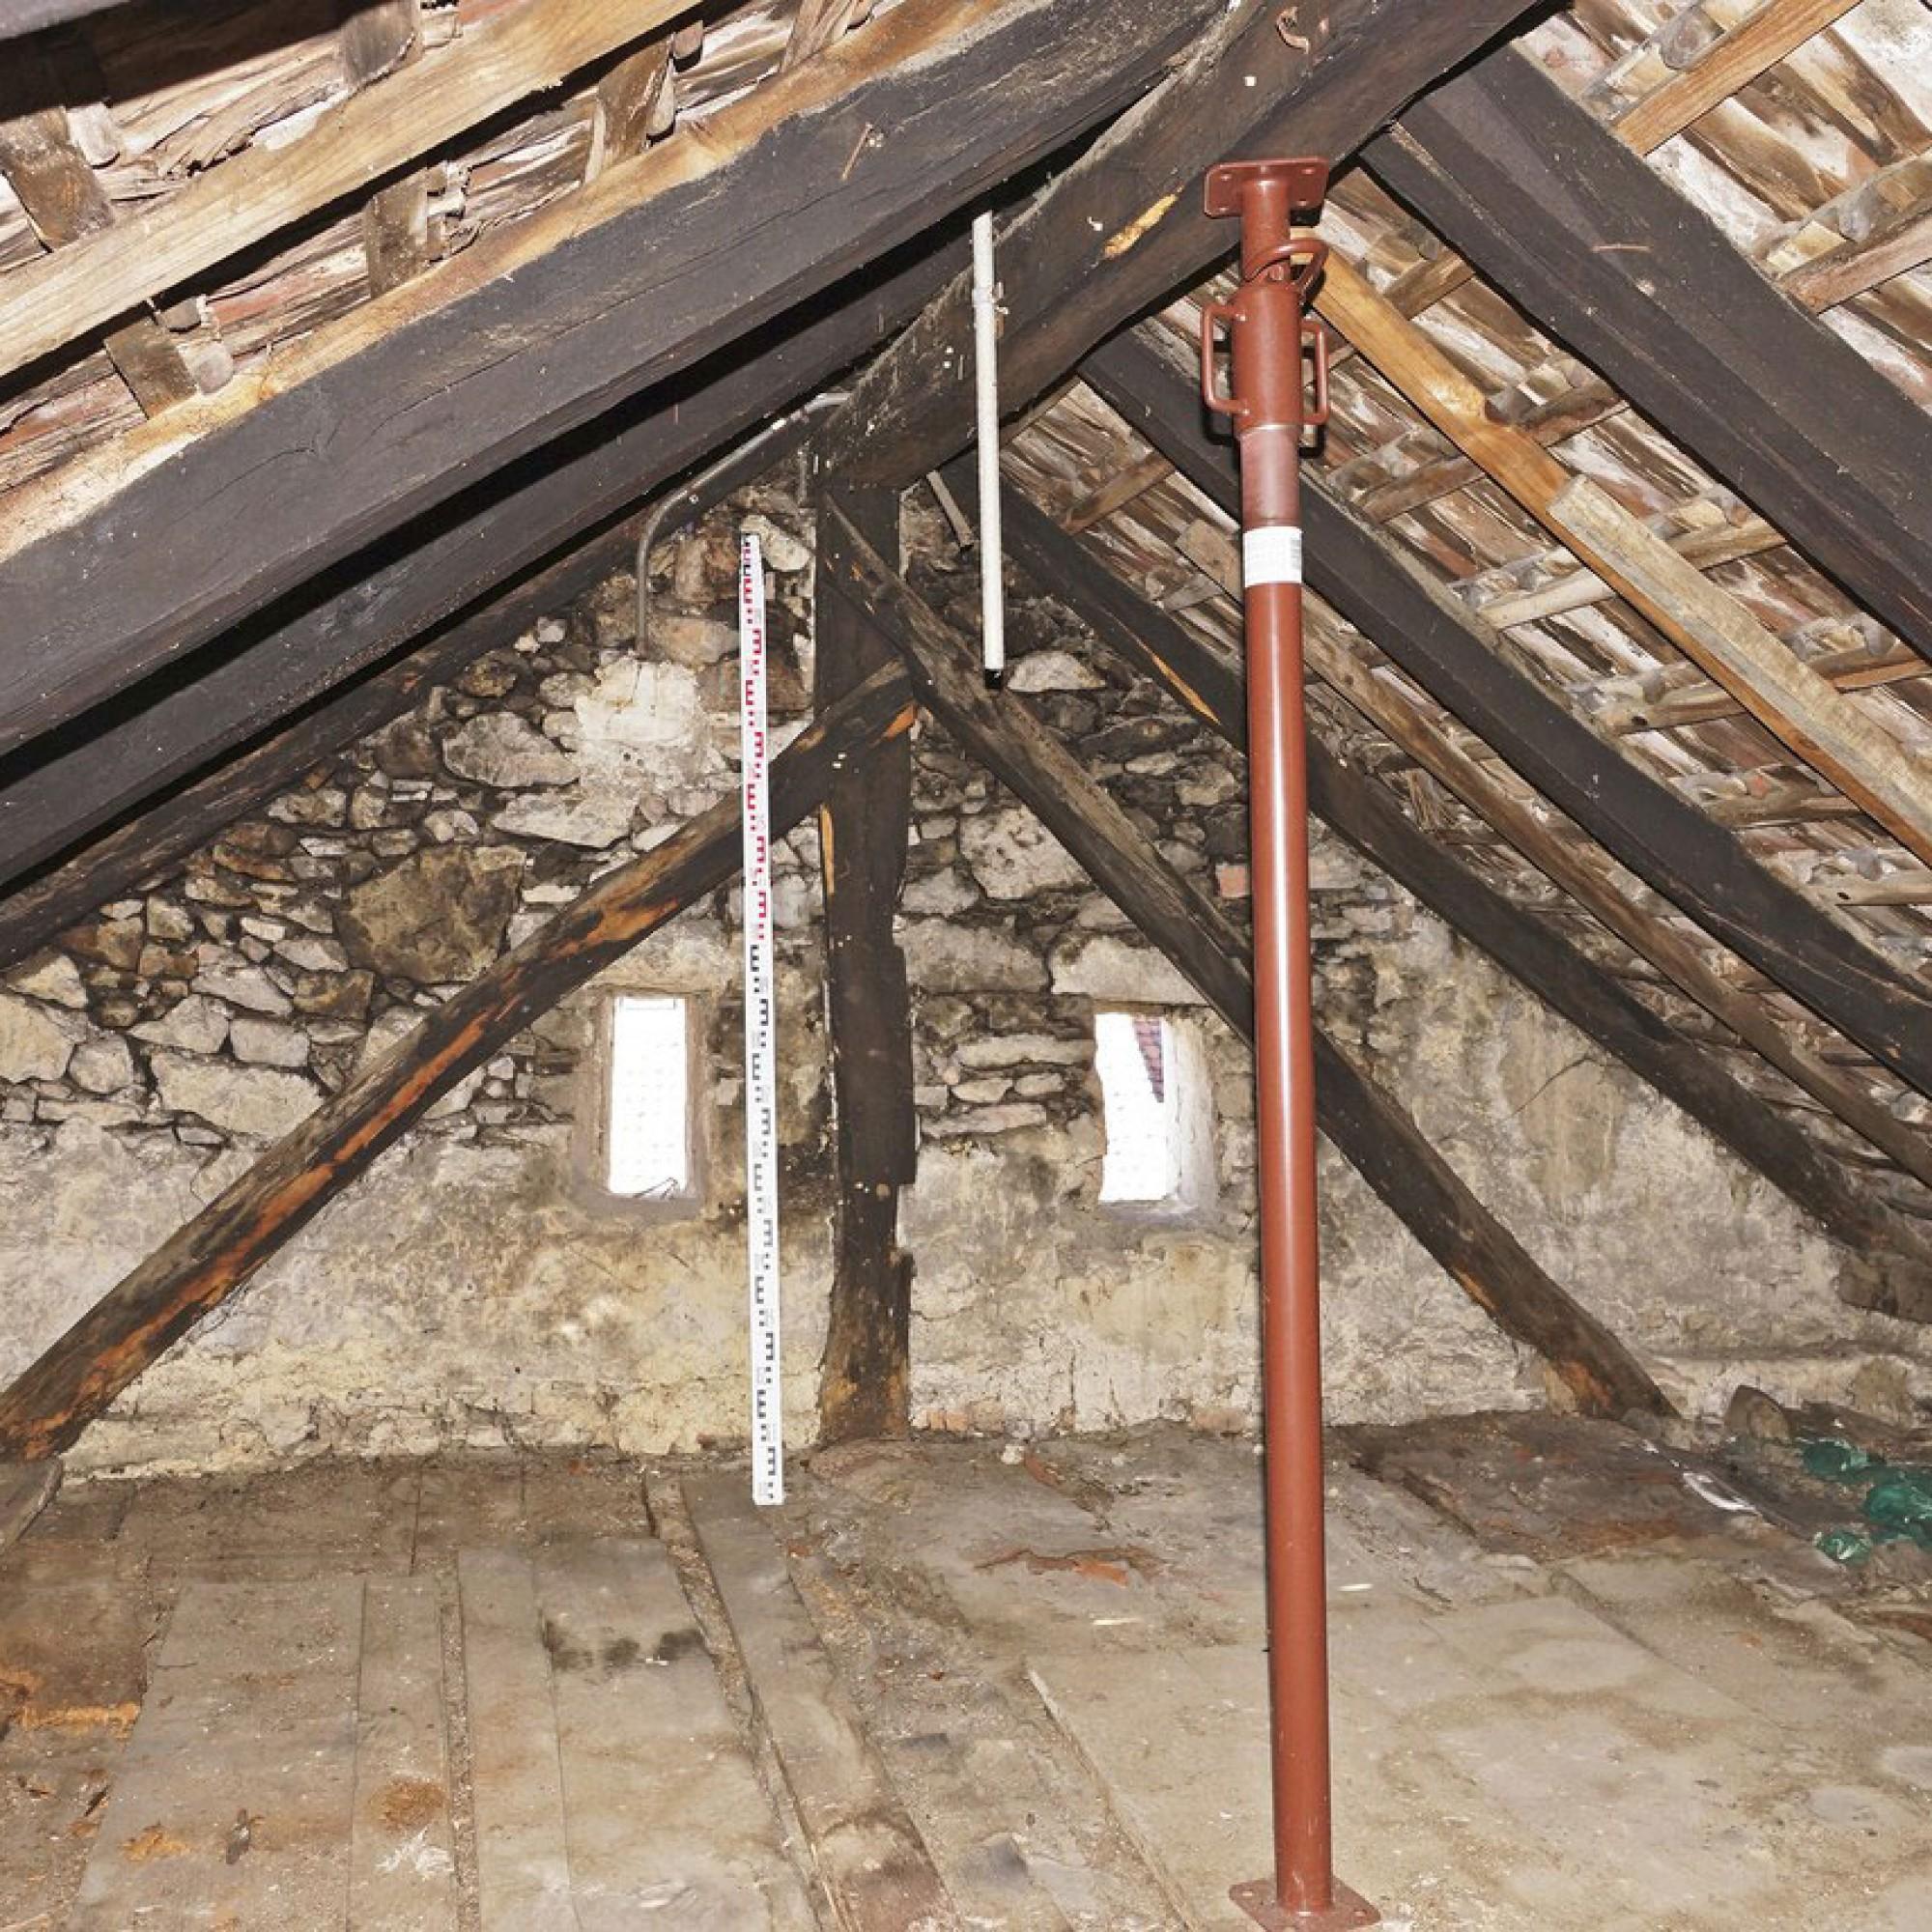 2/2 Das Dachgeschoss von 1418 und die Giebelmauer von 1603. Die geringe Dachneigung lässt auf eine ursprüngliche Deckung mit Brettschindeln schliessen (Archäologie Baselland)